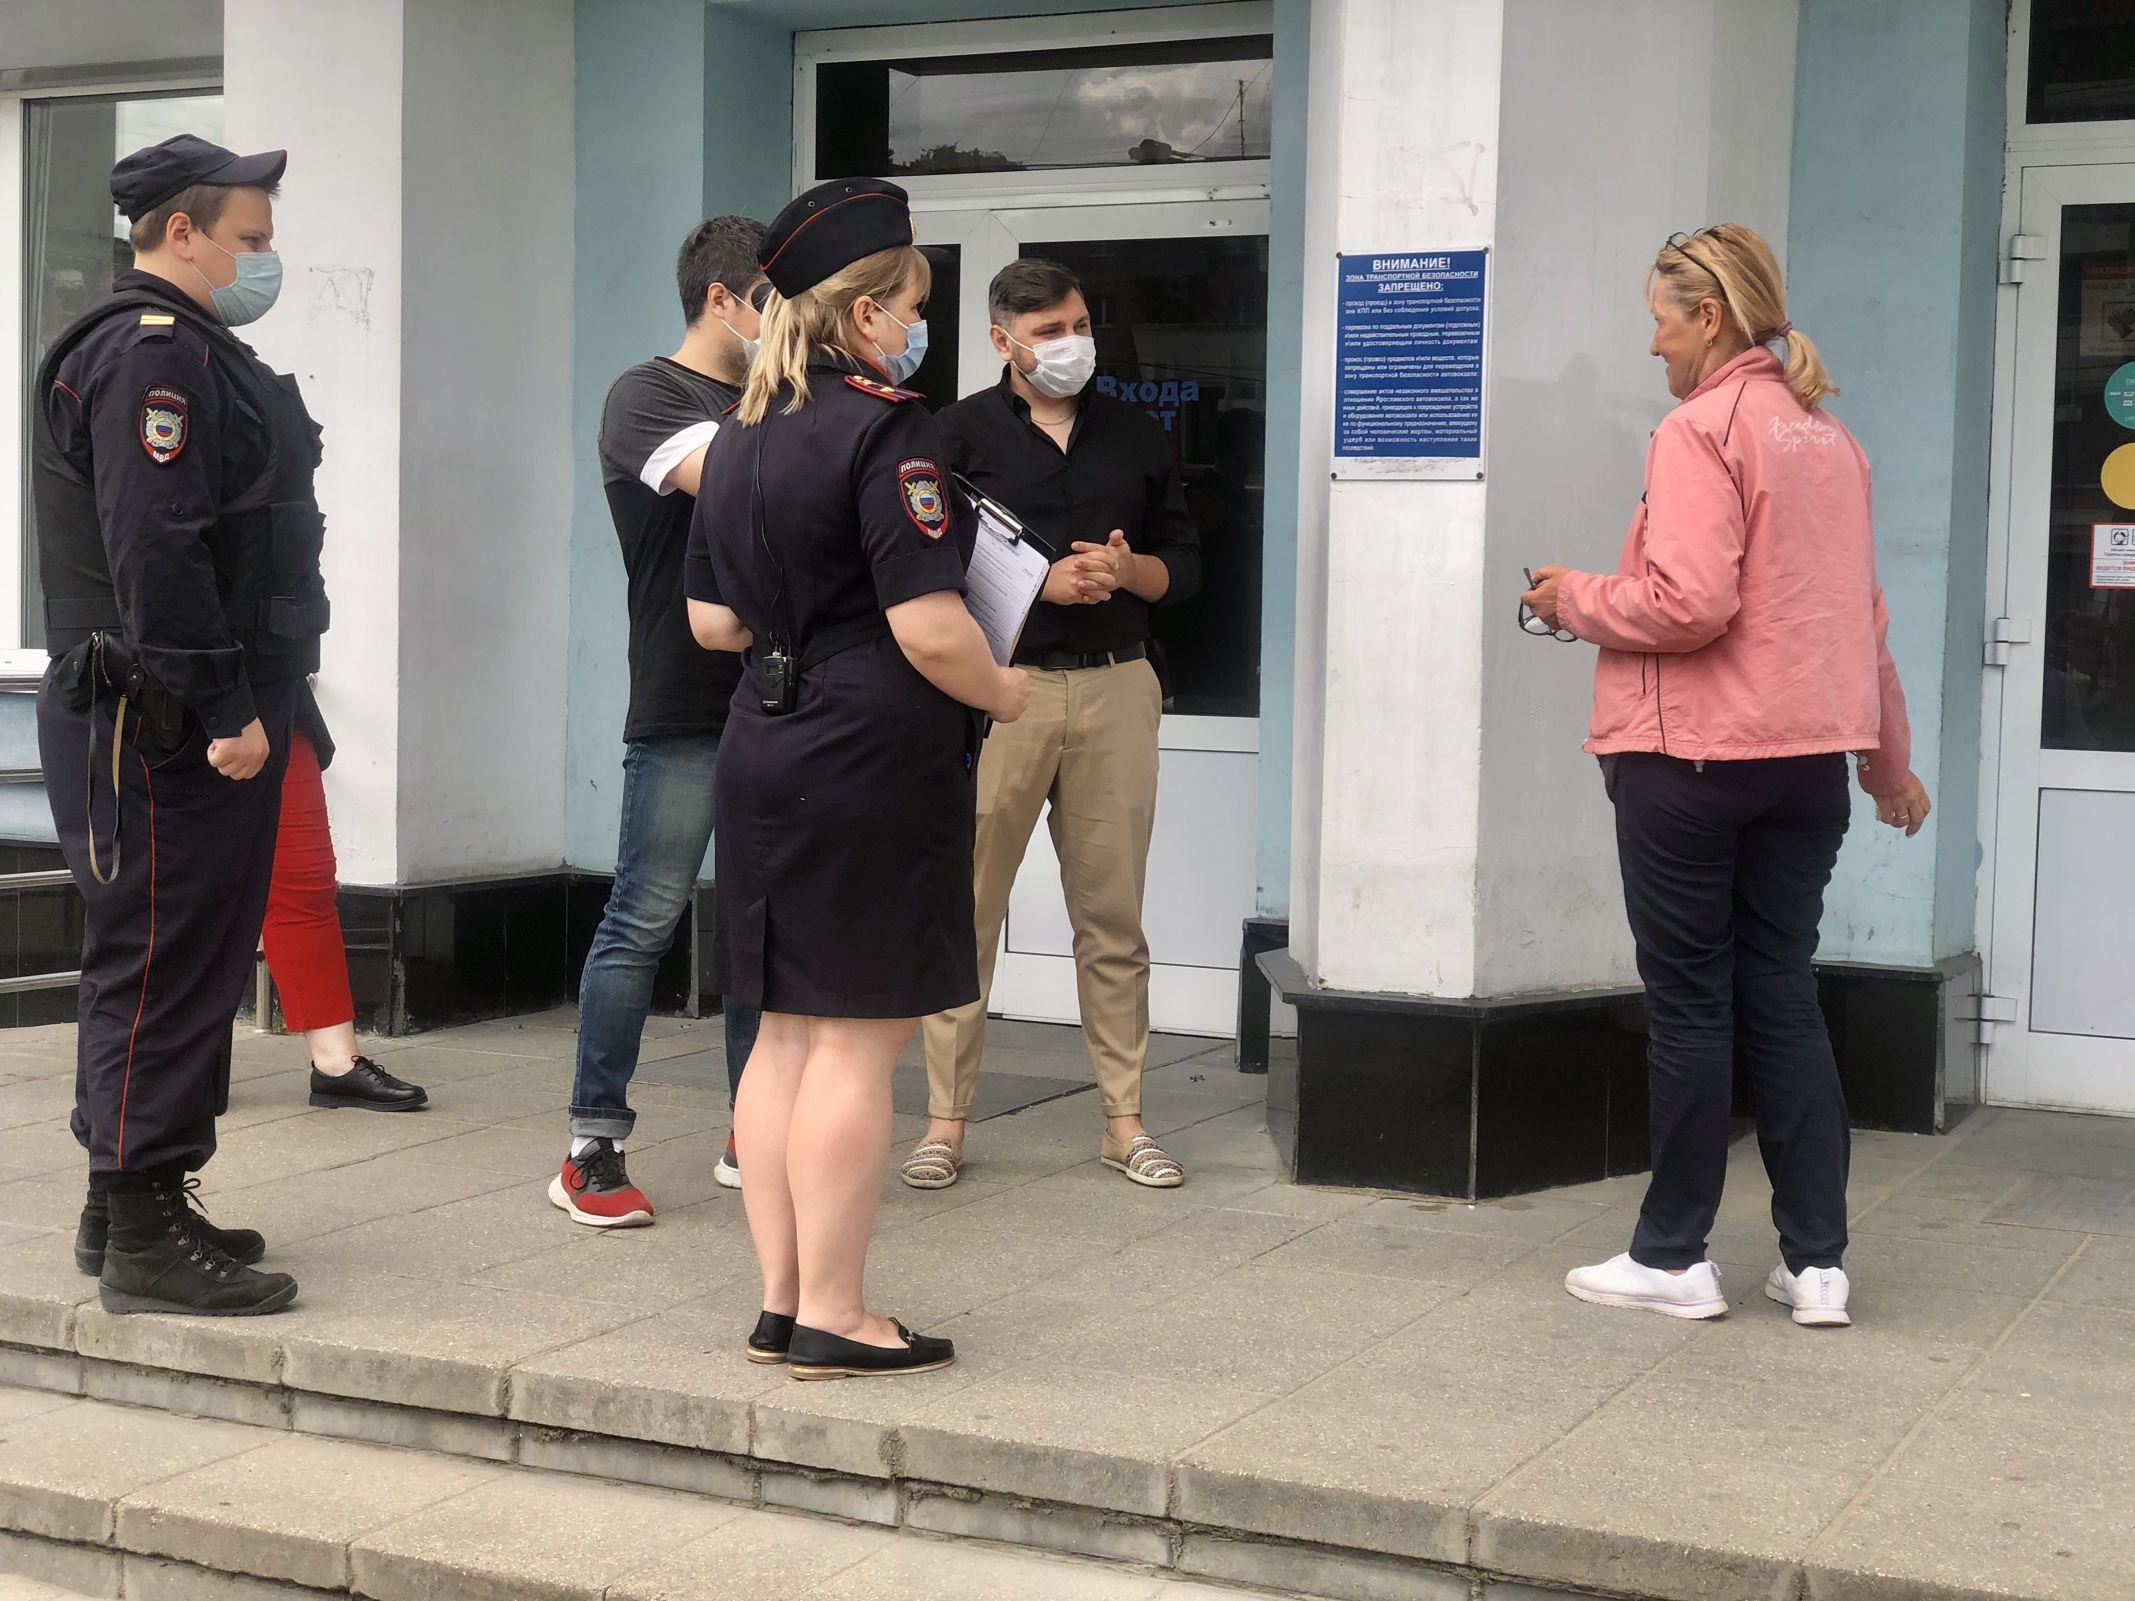 Соблюдение масочного режима проверили на автовокзале Ярославль